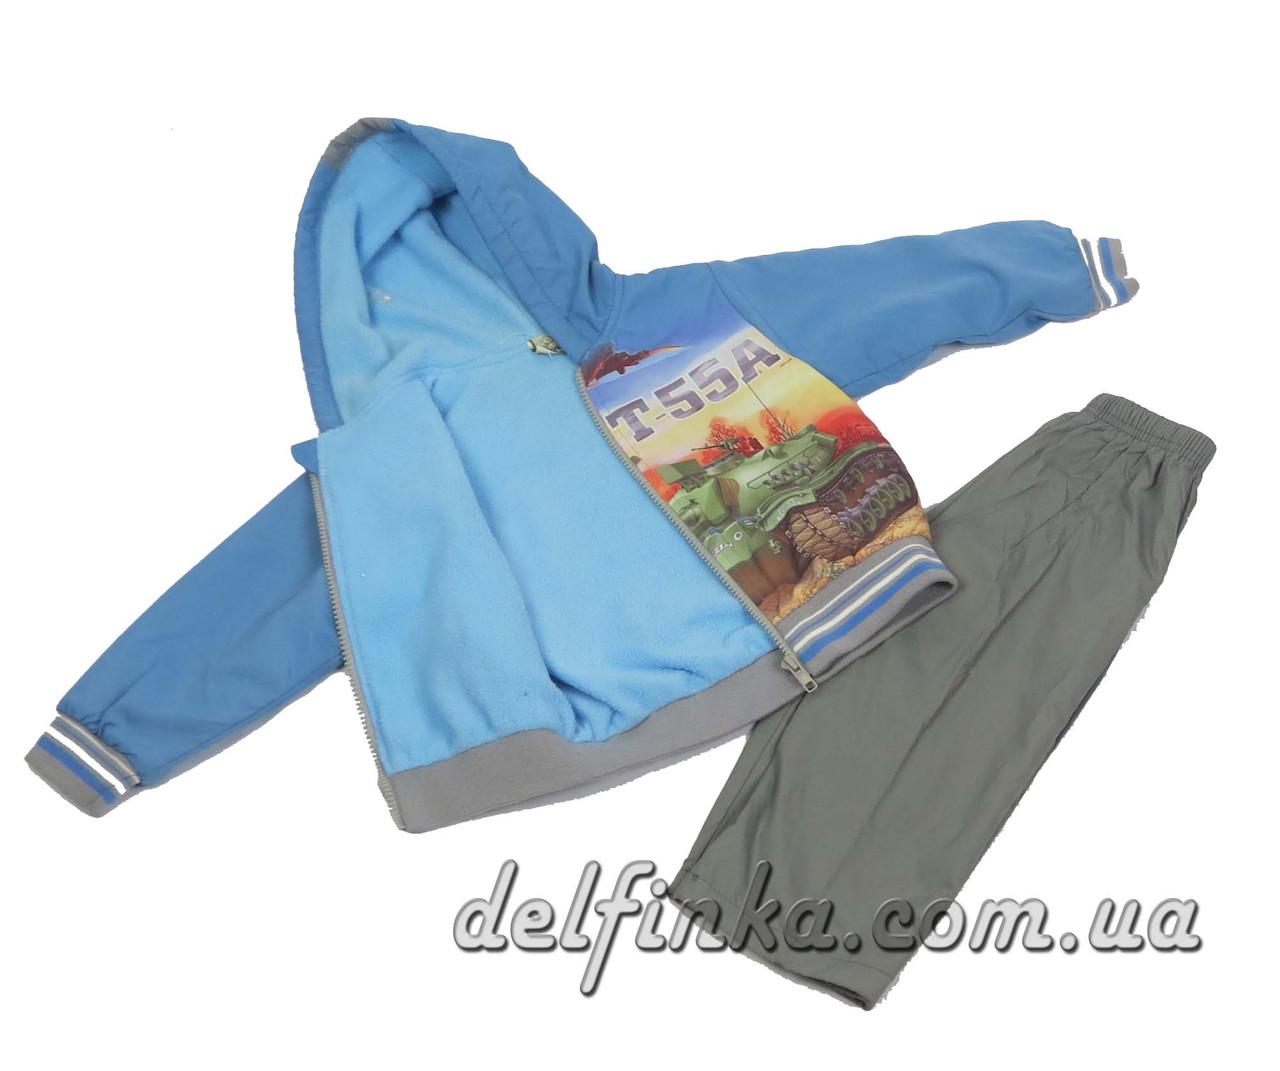 Костюм на флисе для мальчика с 1 года до 3 лет, цвет: синий, фото 2